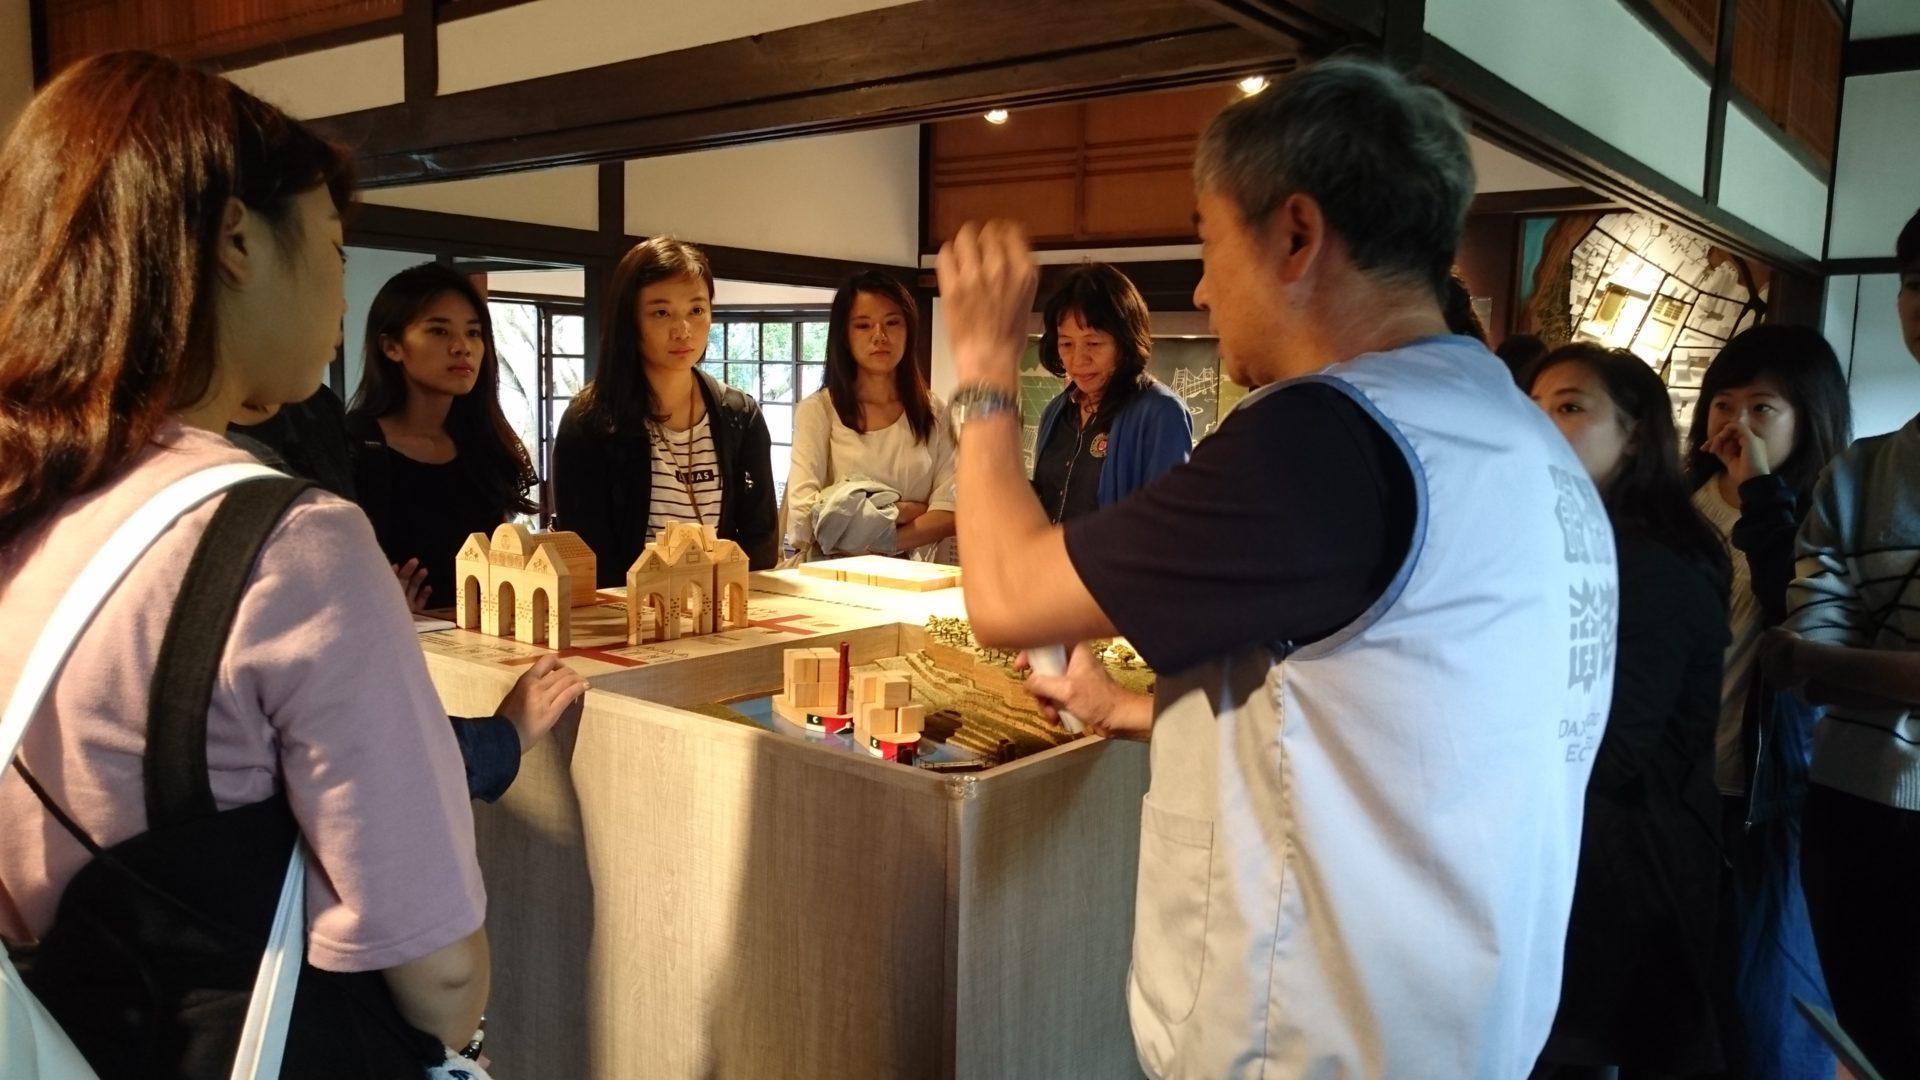 【亞太博物館連線專欄】博物館人必知的文資管理知識—從國外經驗回頭看台灣現況